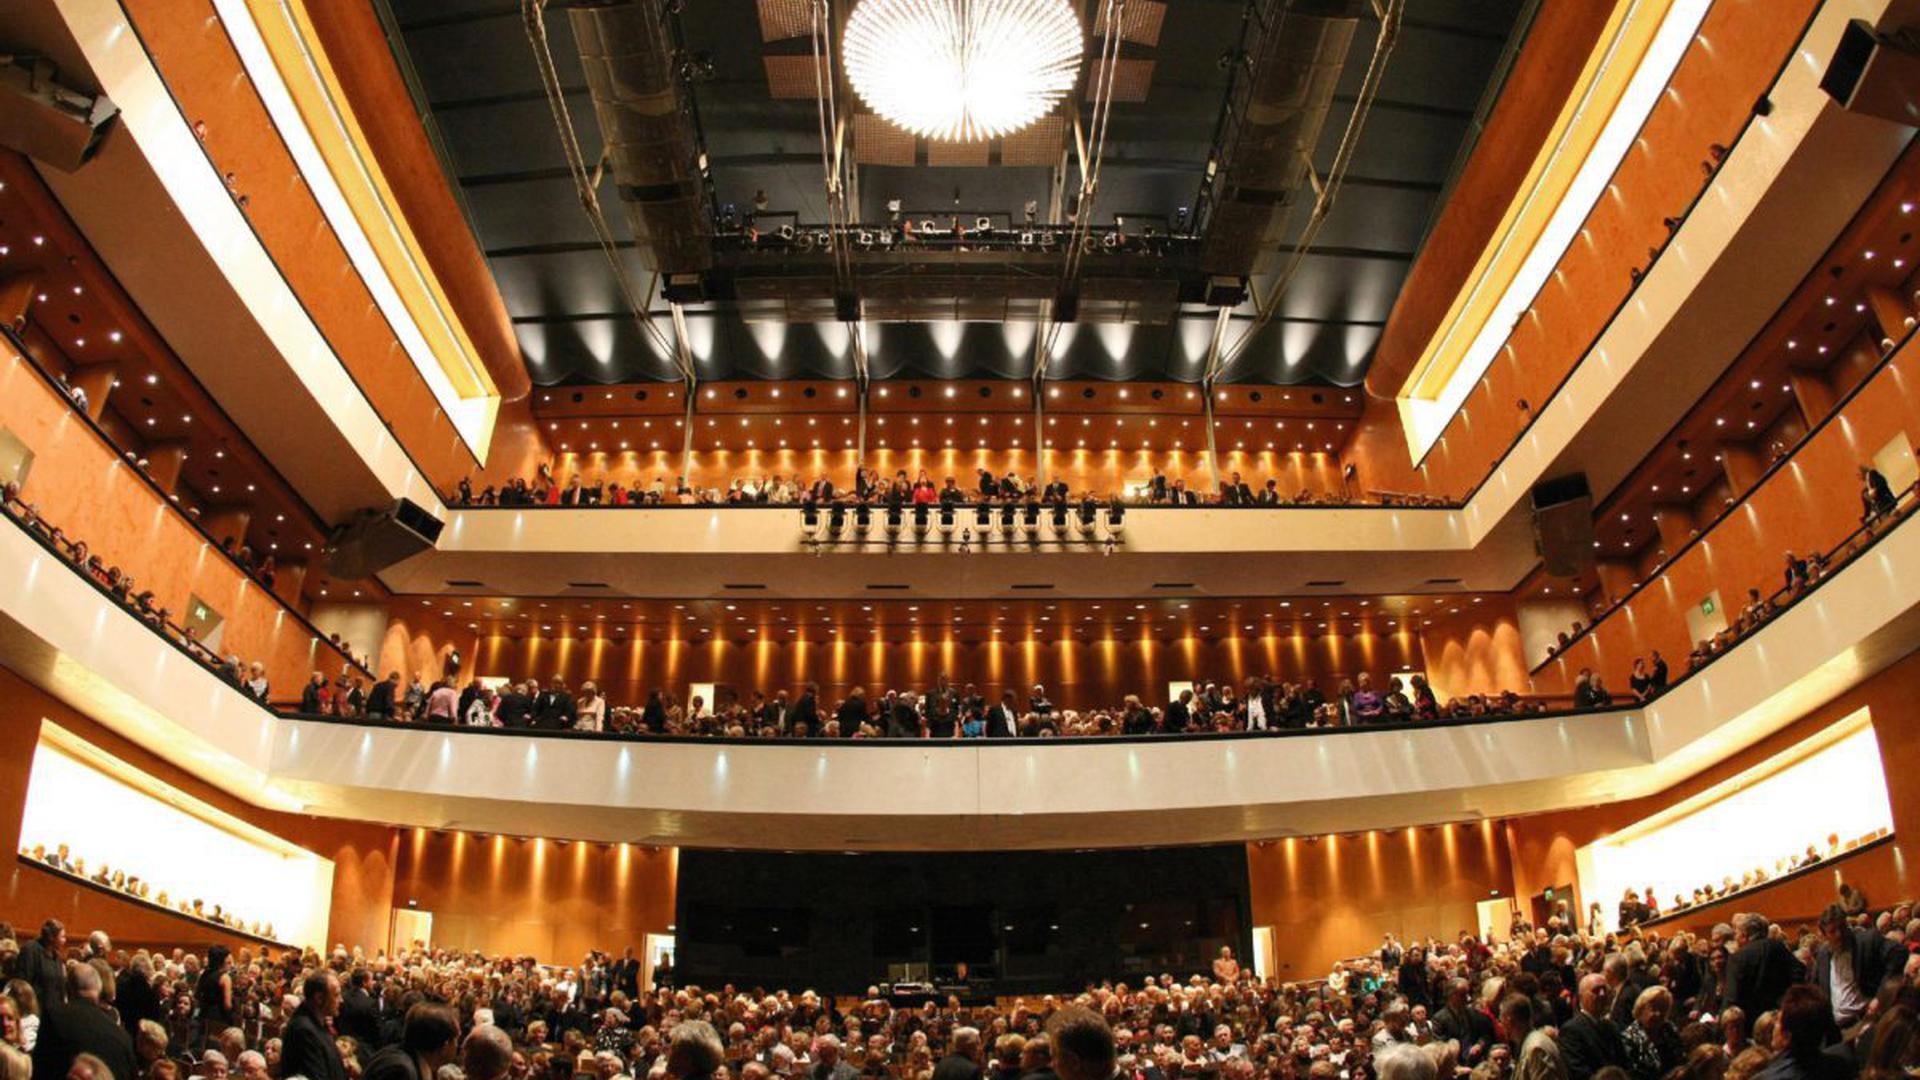 Starke Anziehungskraft: Das Festspielhaus Baden-Baden lockt mit Weltstars und einem attraktiven Programm jährlich rund 160.000 Besucher an. 2018 feierte das zweitgrößte Opern- und Konzerthaus Europas sein 20-jähriges Bestehen.